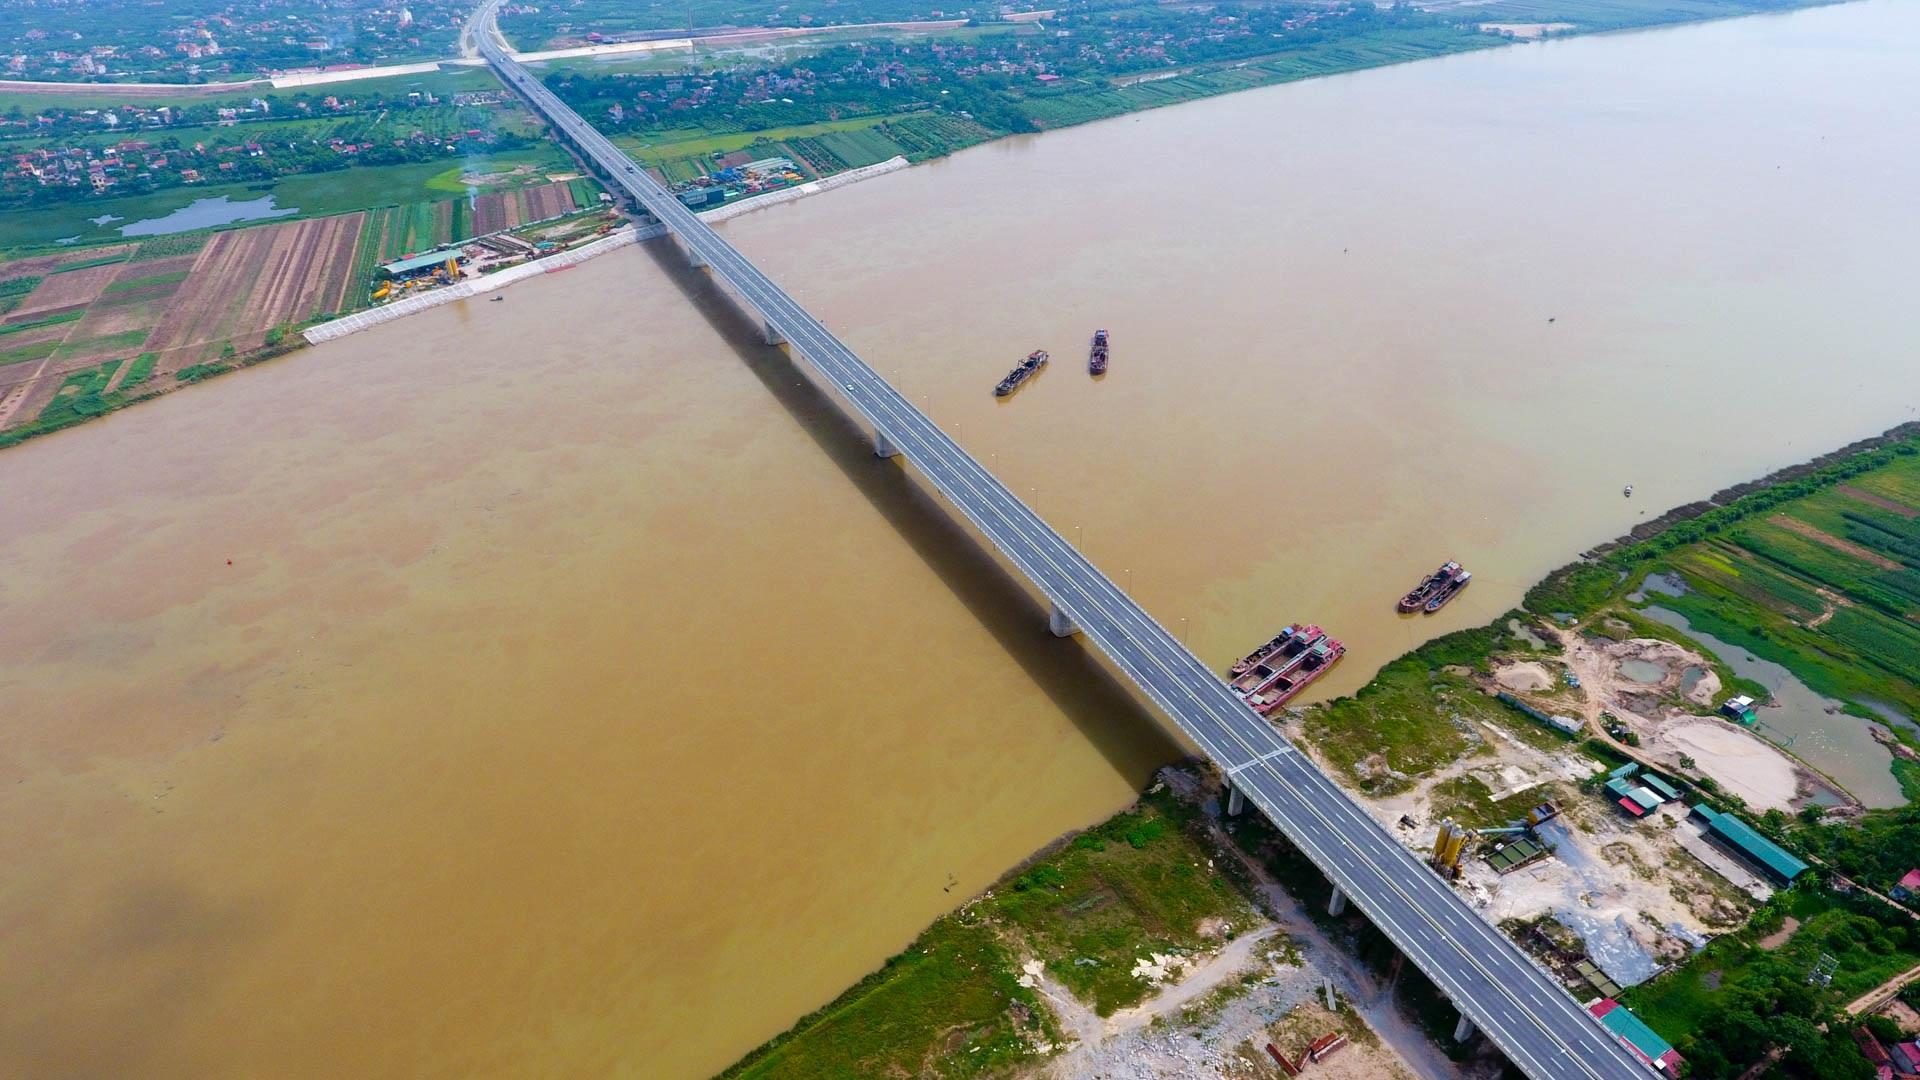 Toàn cảnh cầu 2.800 tỷ nối 2 tỉnh Hưng Yên và Hà Nam - 1